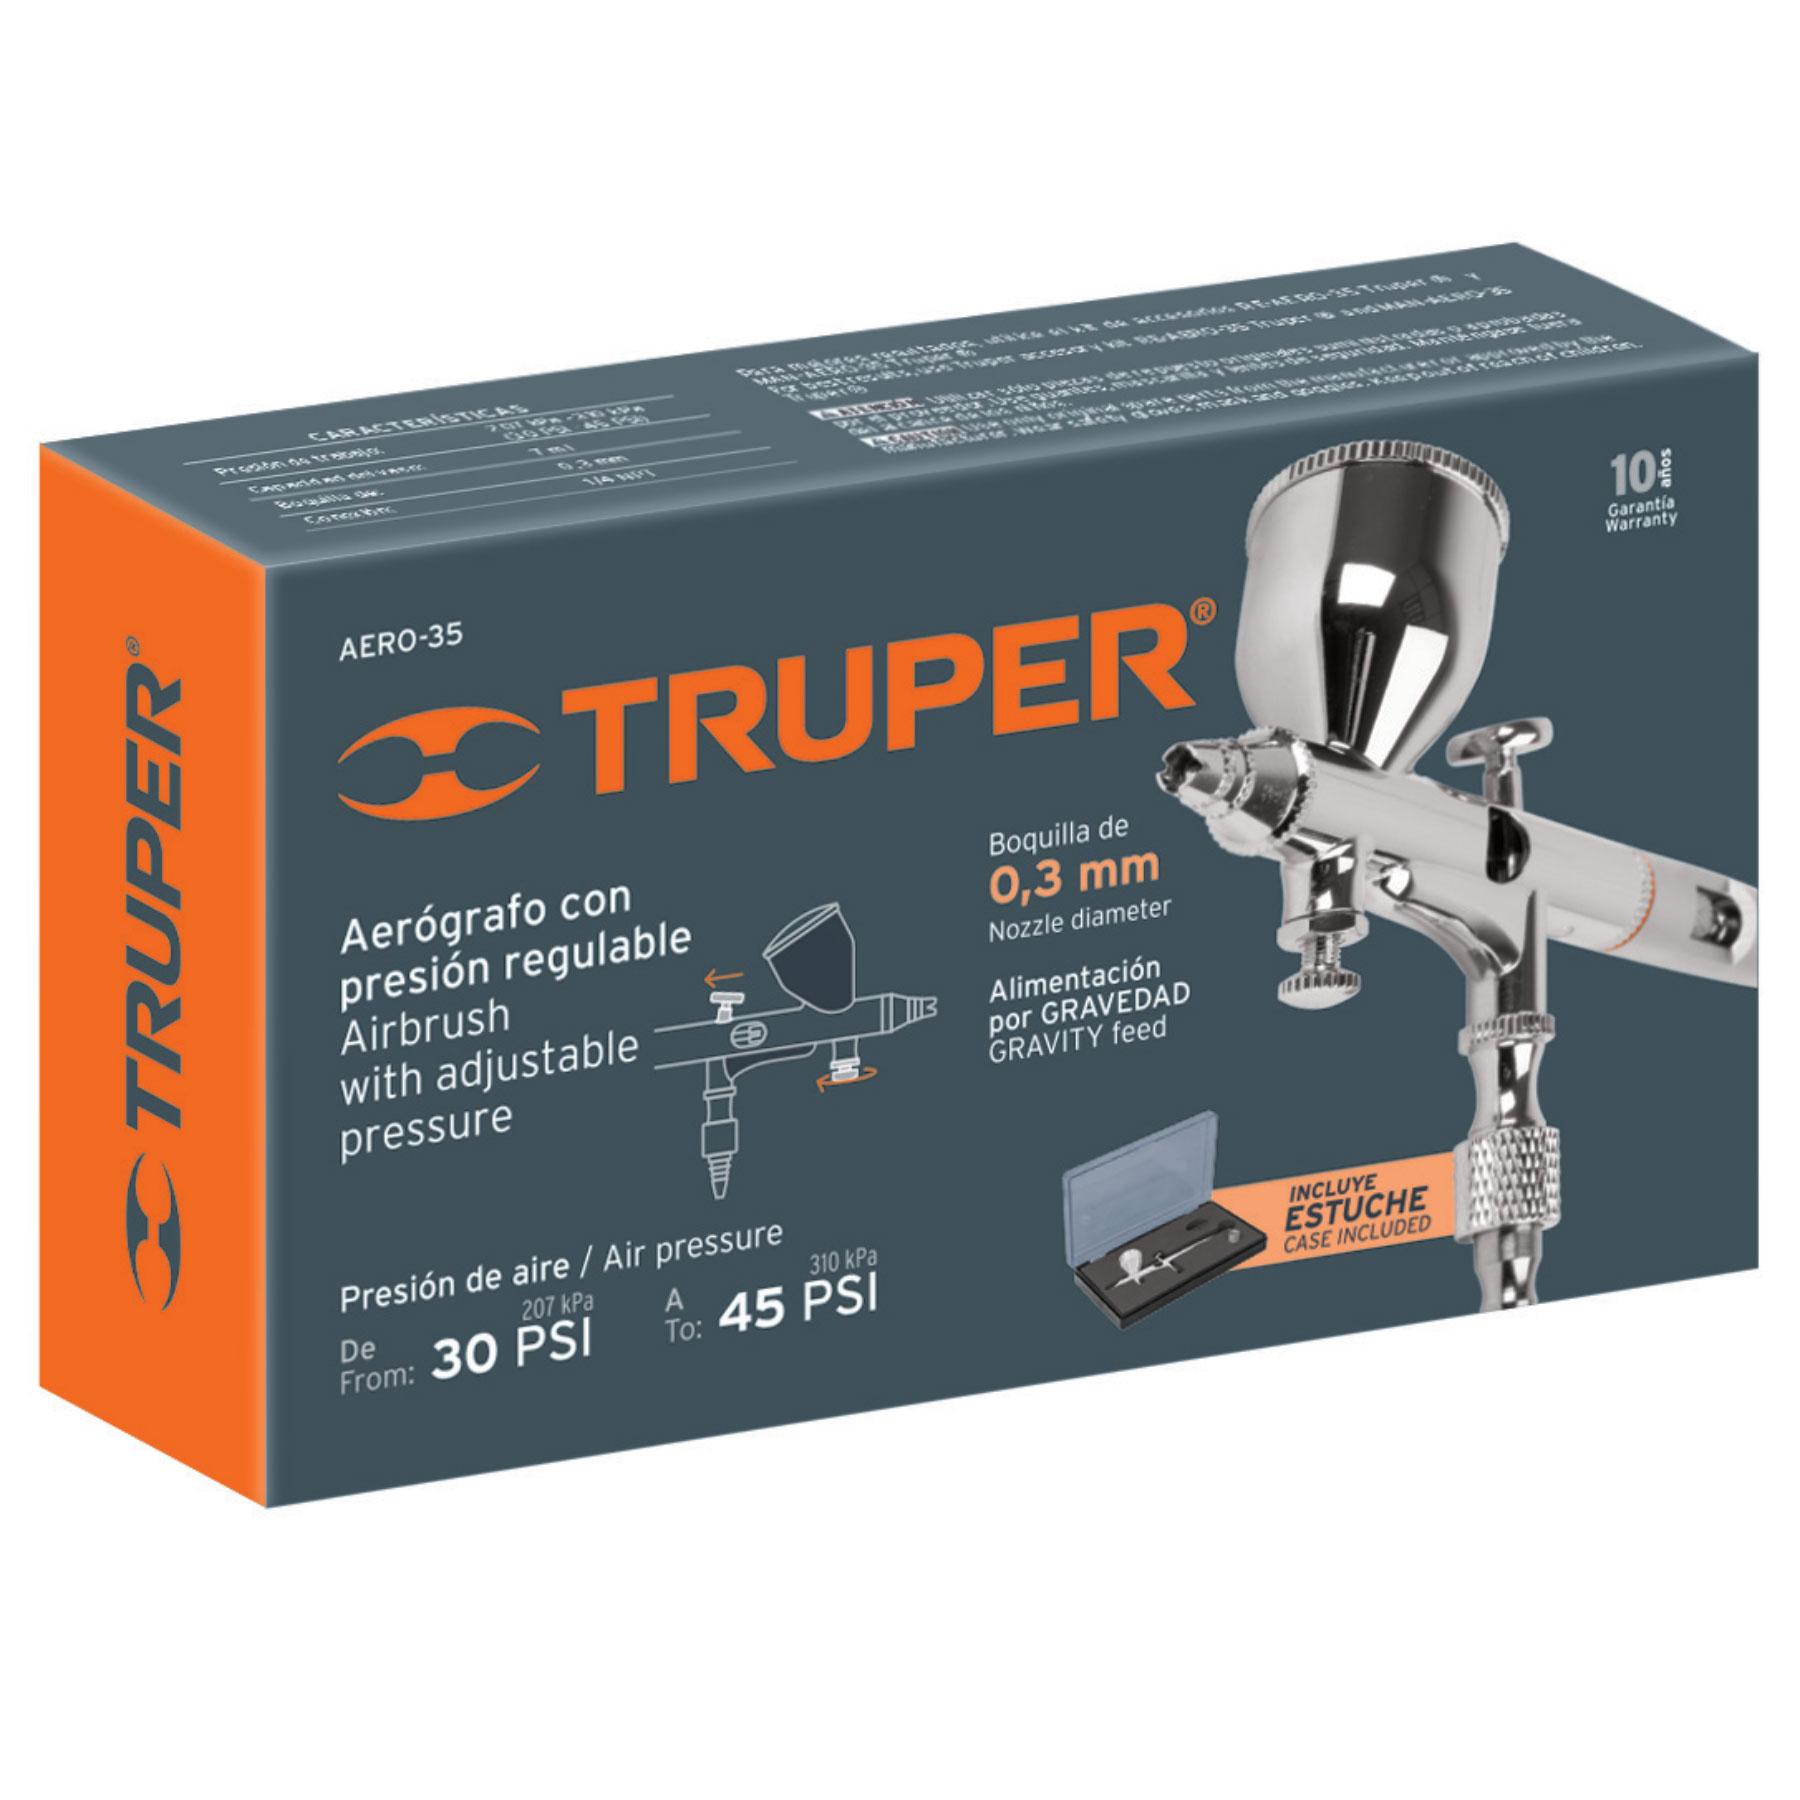 Truper - Pistola aerográfica de gravedad con vaso fijo